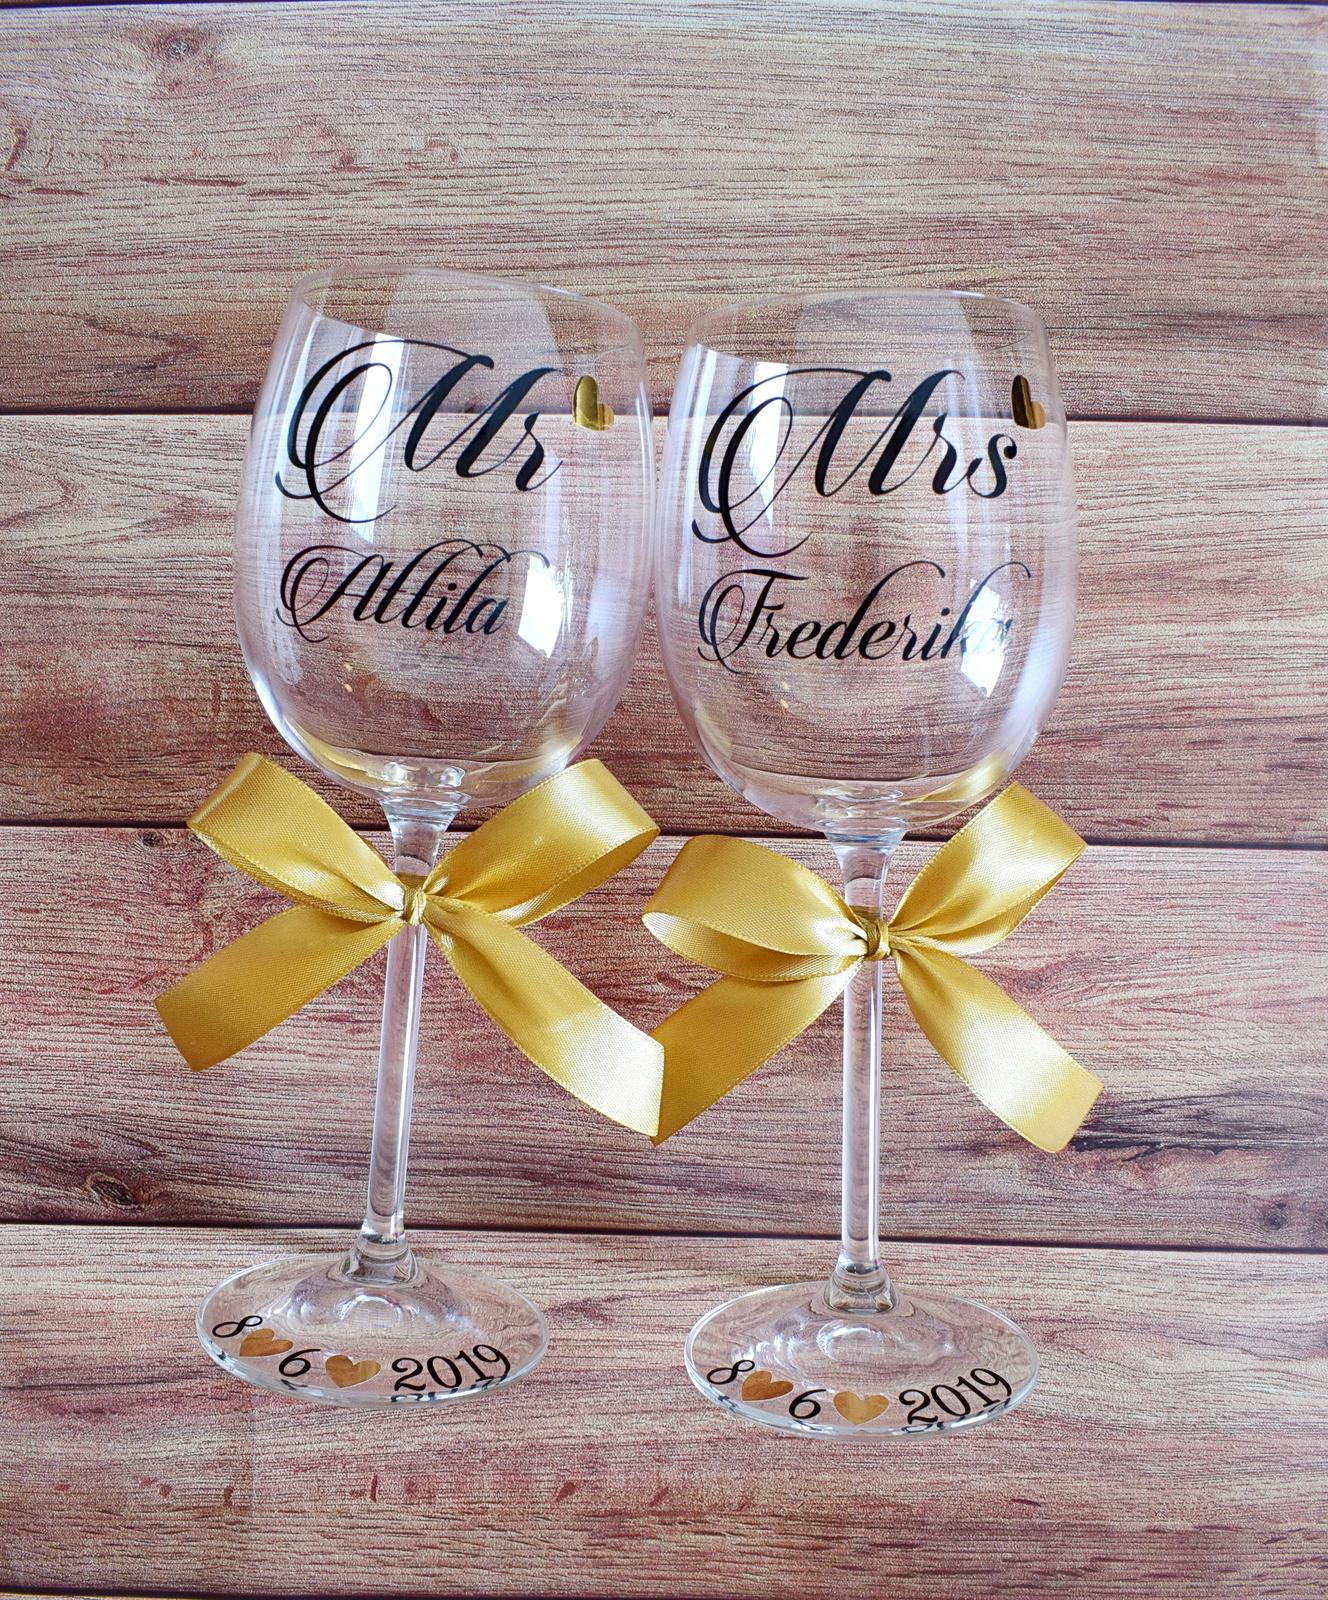 Svadobné poháre - Milovať a milovaný byť, je najväčšie šťastie na svete. J. W. Goethe